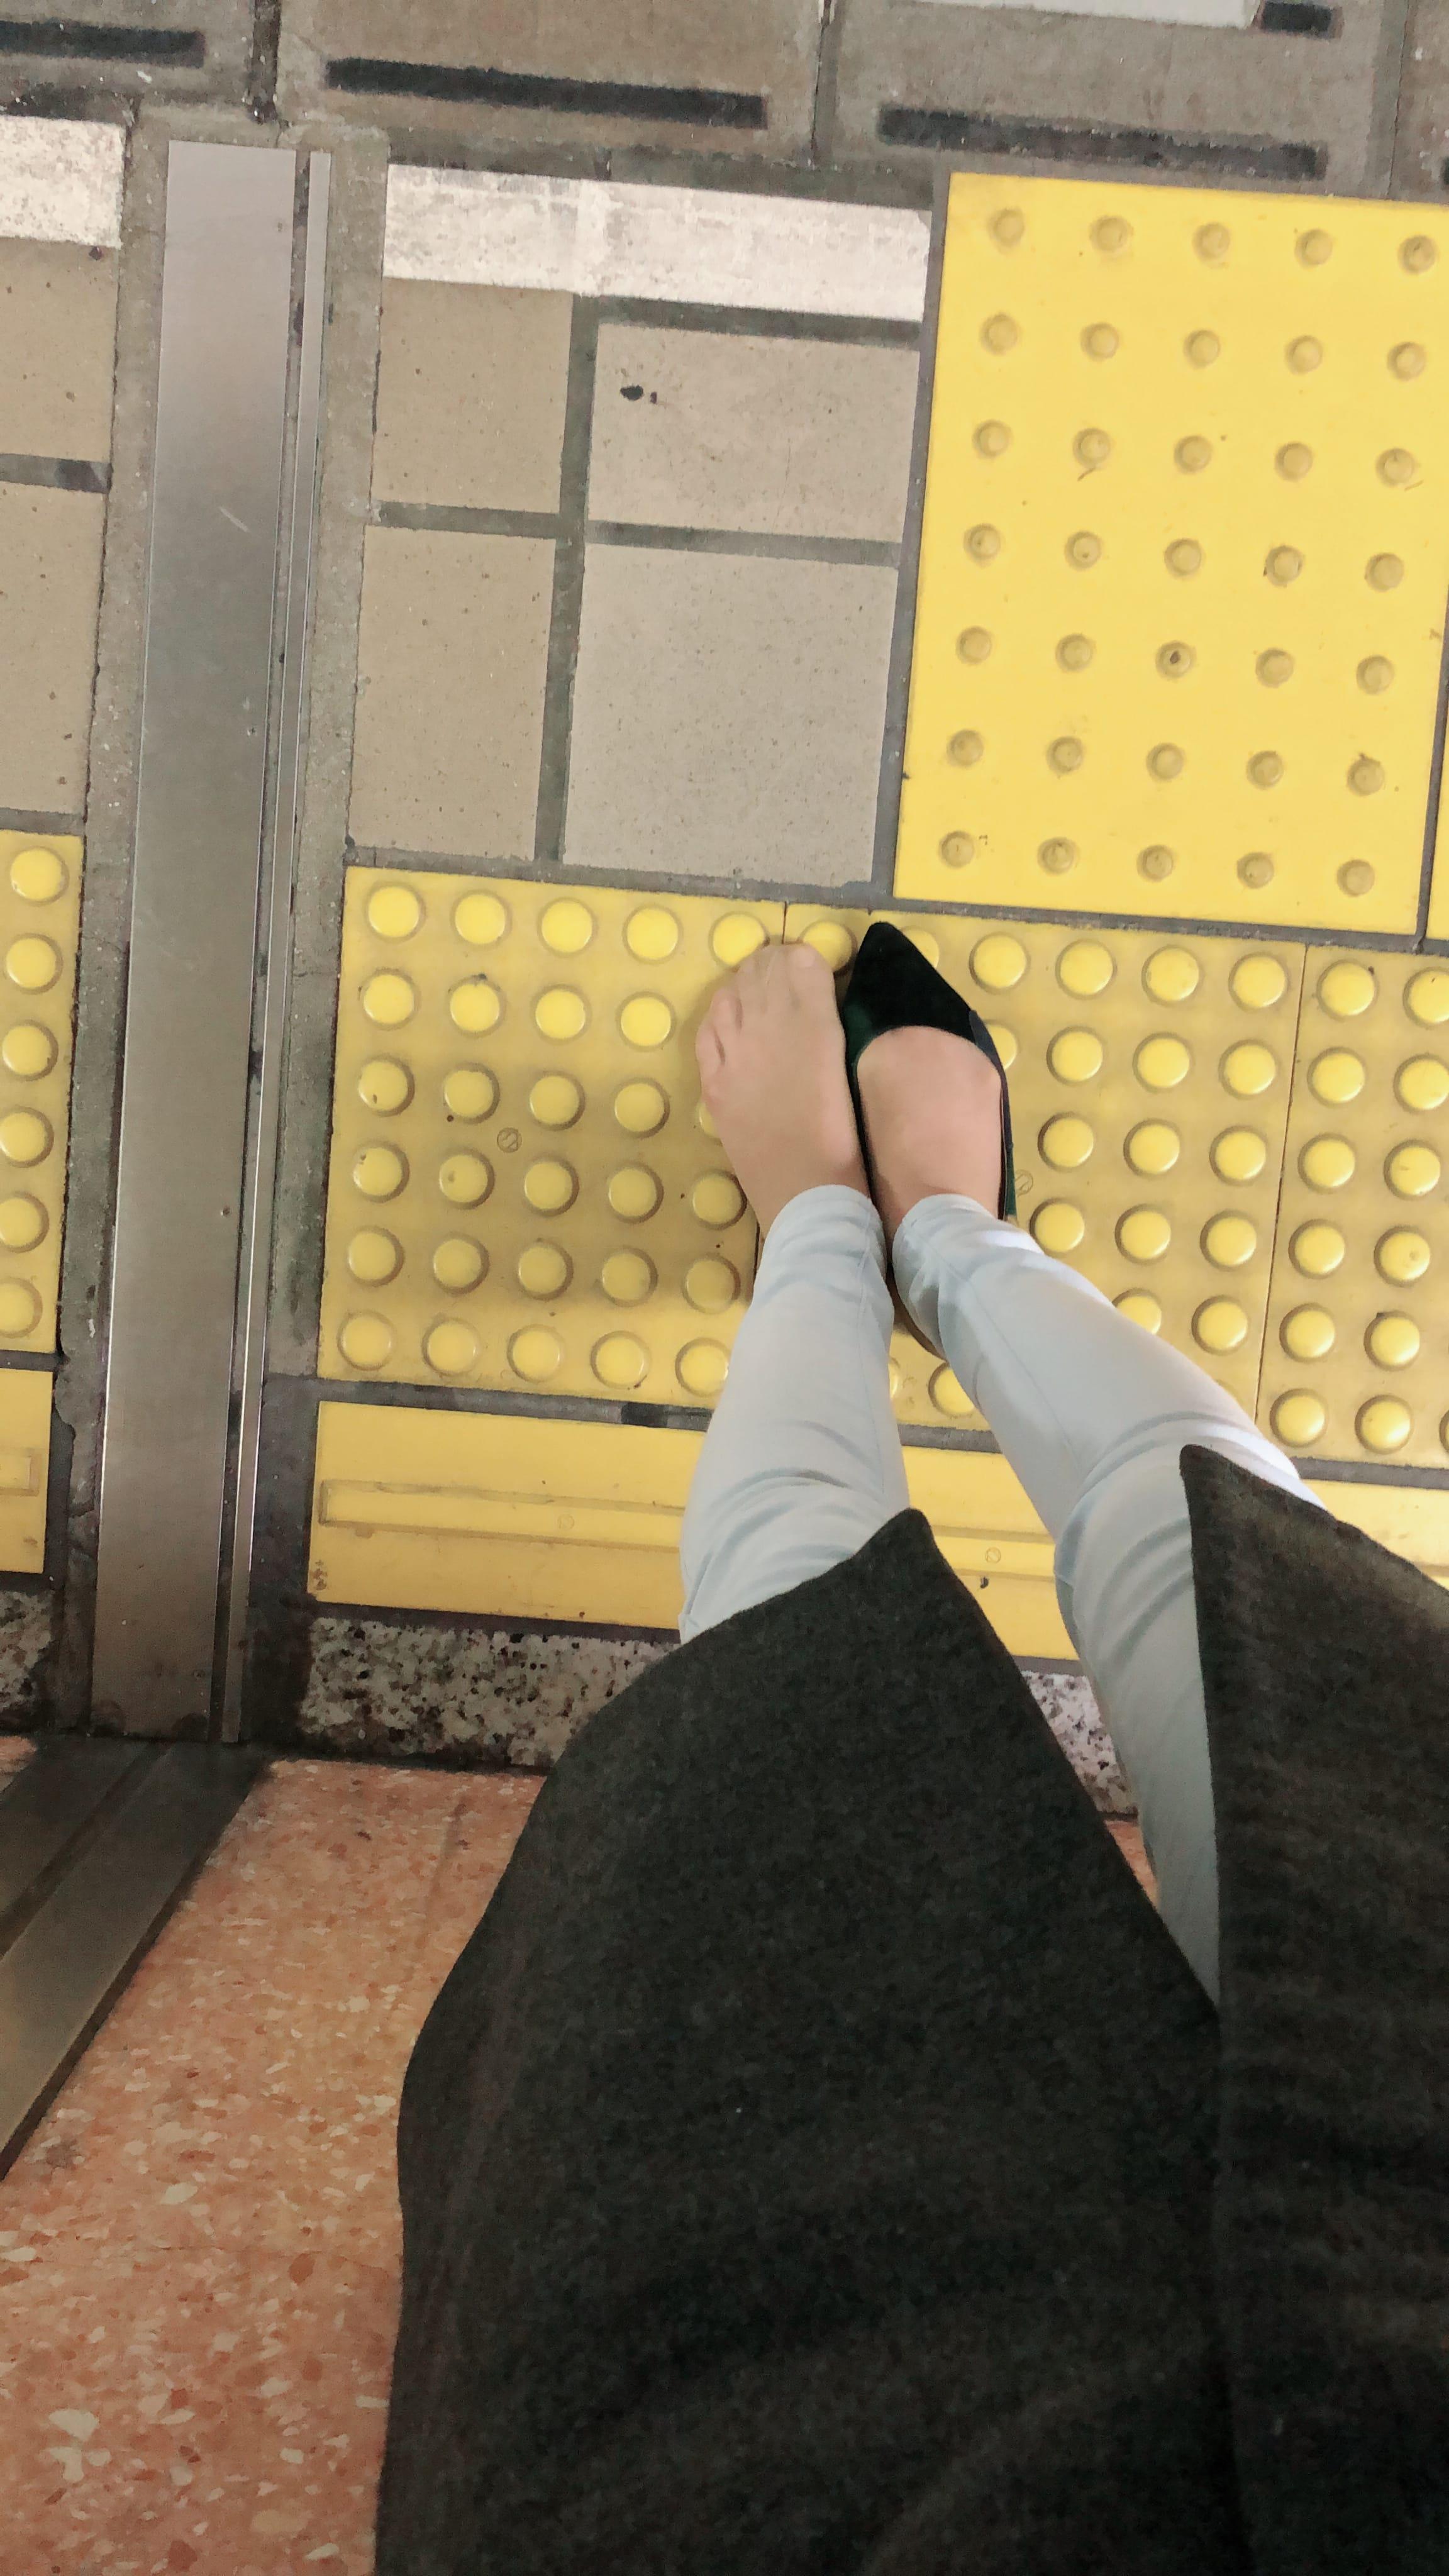 「ホームに靴落とした」01/24(01/24) 00:08 | はづきの写メ・風俗動画